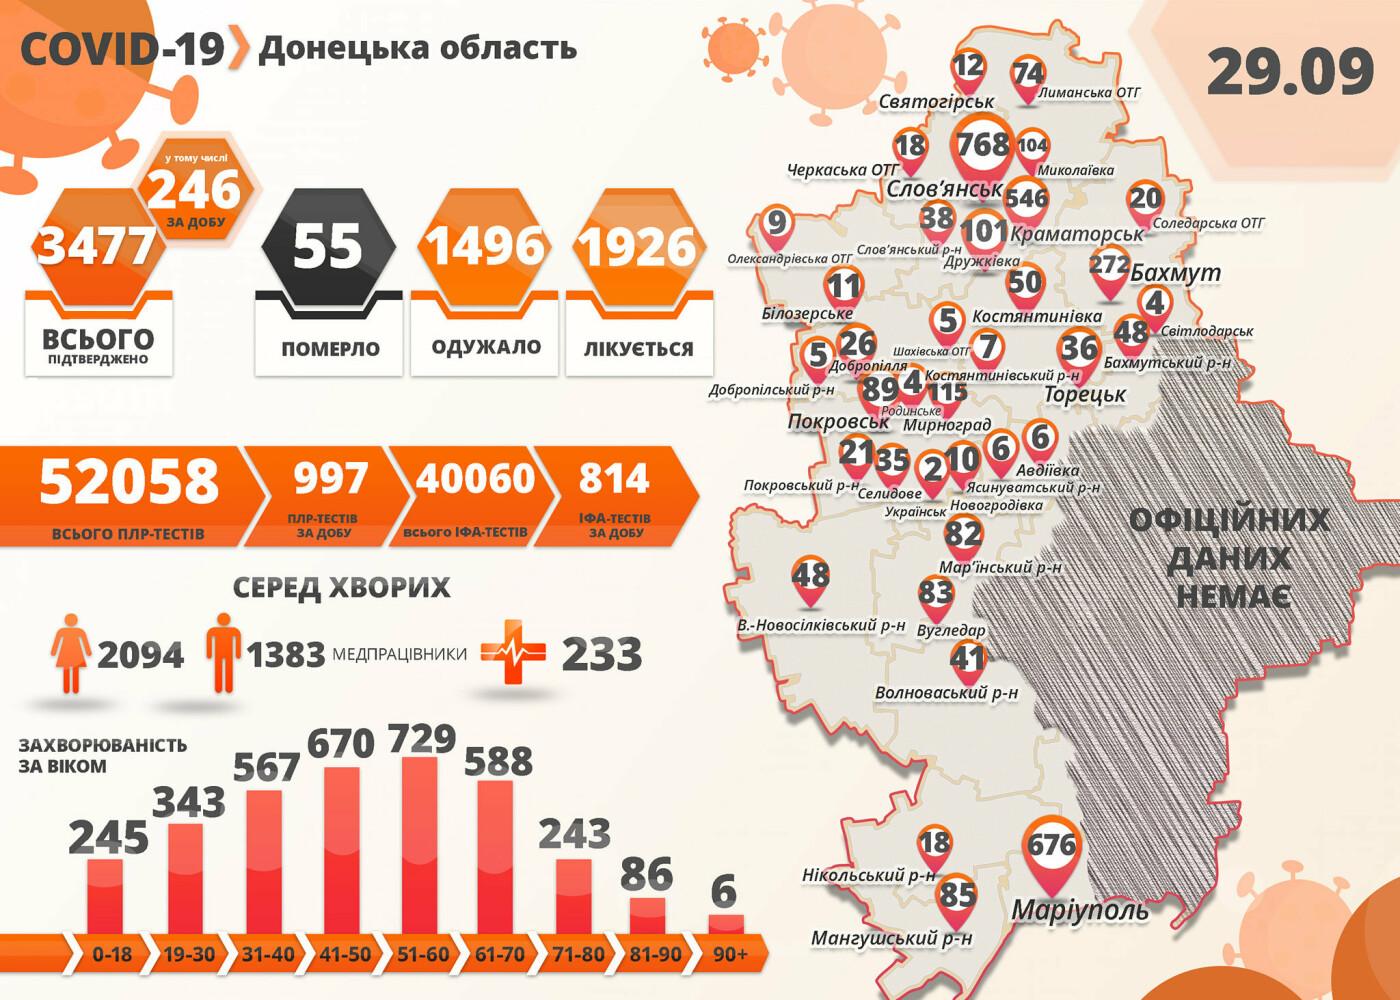 В Донецкой области новый антирекорд: 246 случаев коронавируса за сутки, фото-1